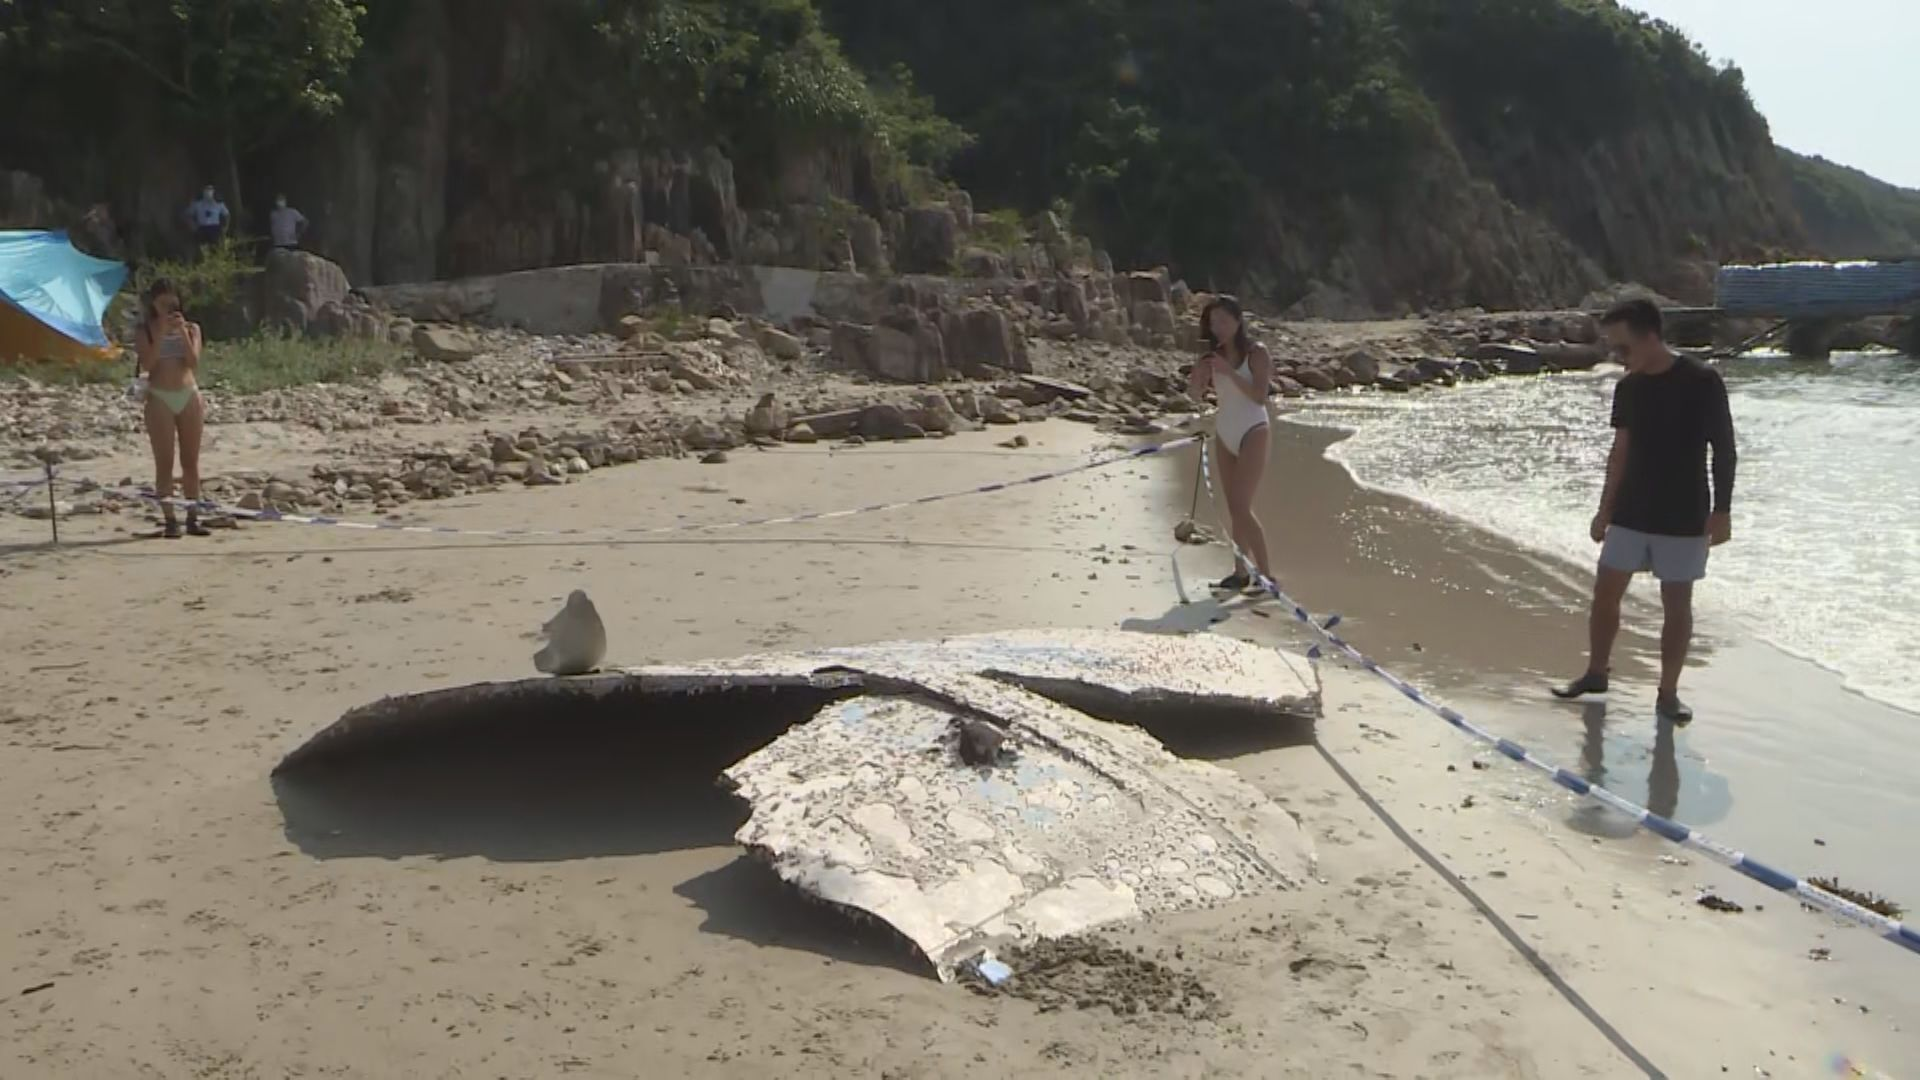 白腊灣發現懷疑火箭碎片 附近出入市民感好奇